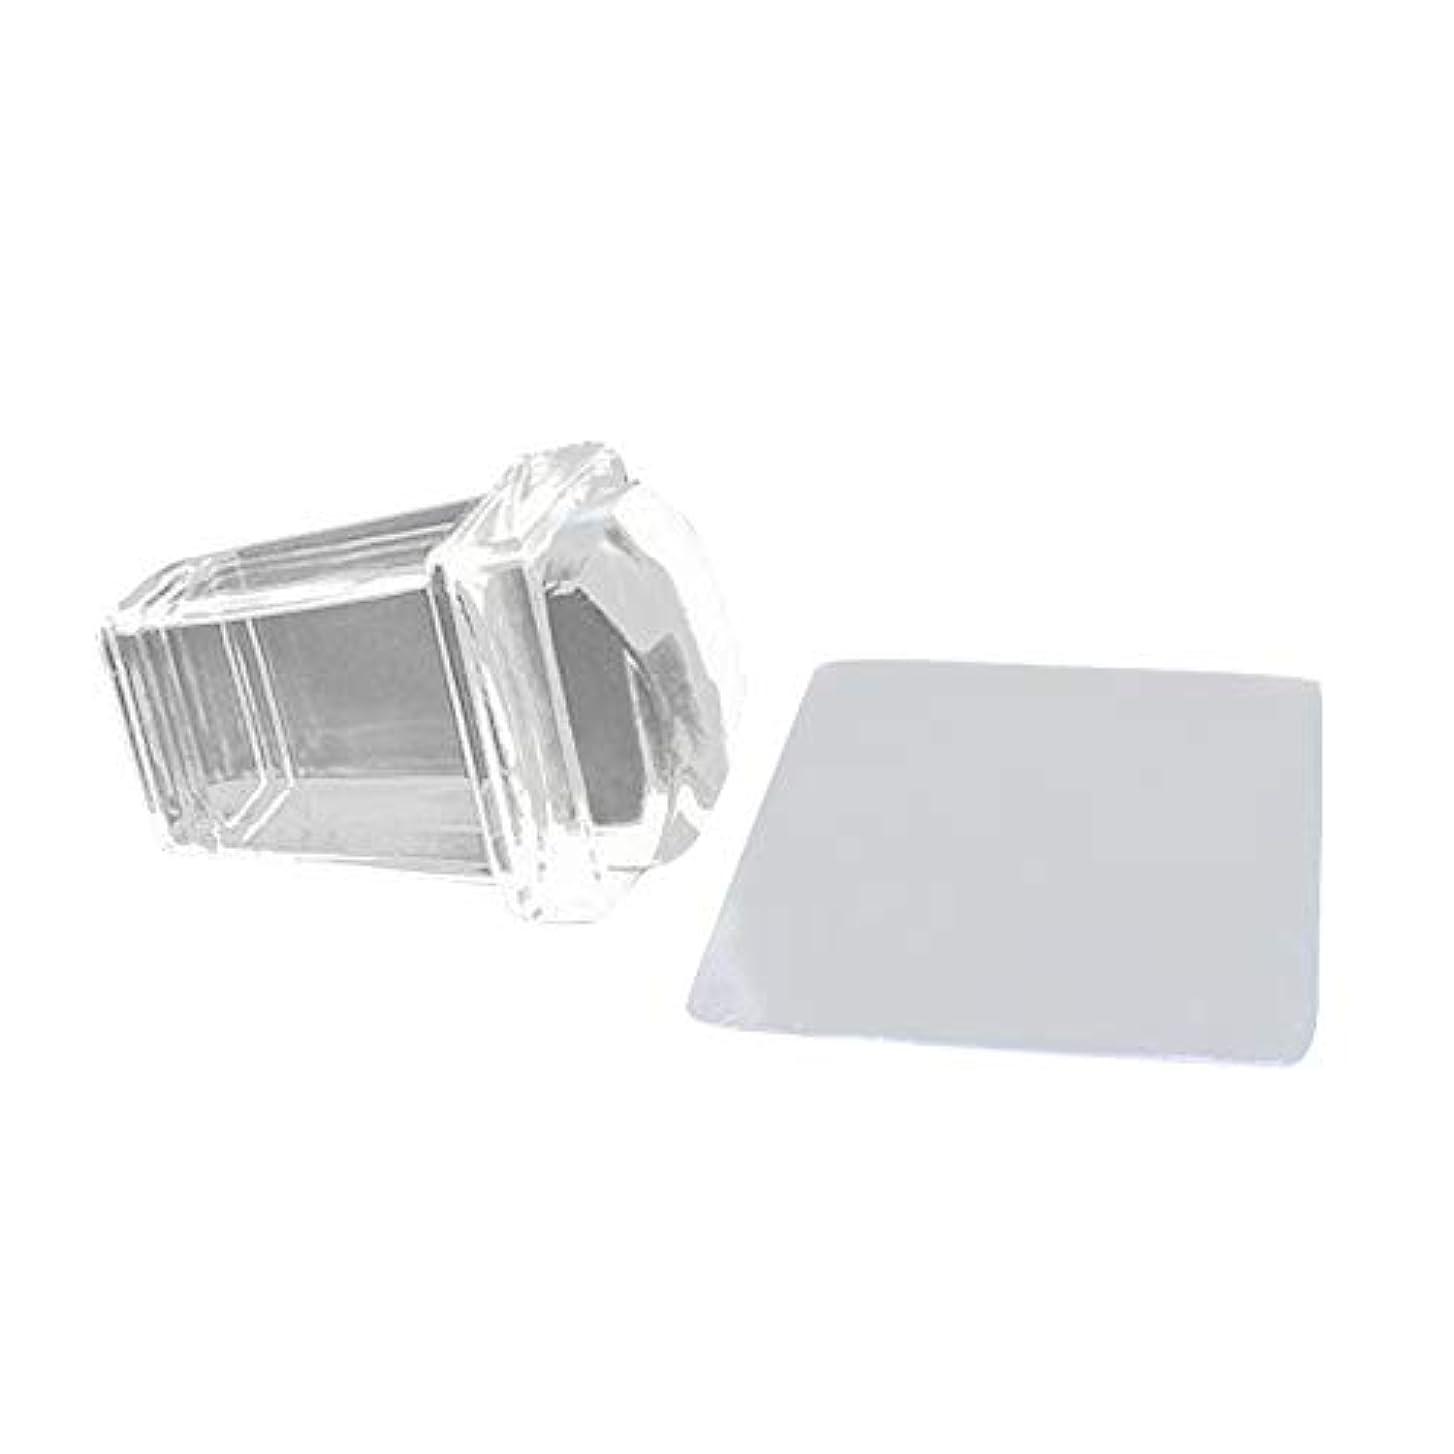 固める時々時々の中でGaoominy 新しい純粋で透明なゼリーシリコンのネイルアートスタンパーとスクレーパーのセット、透明ポリッシュ印刷ネイルのスタンピングツール、ネイルのツール、マニキュア